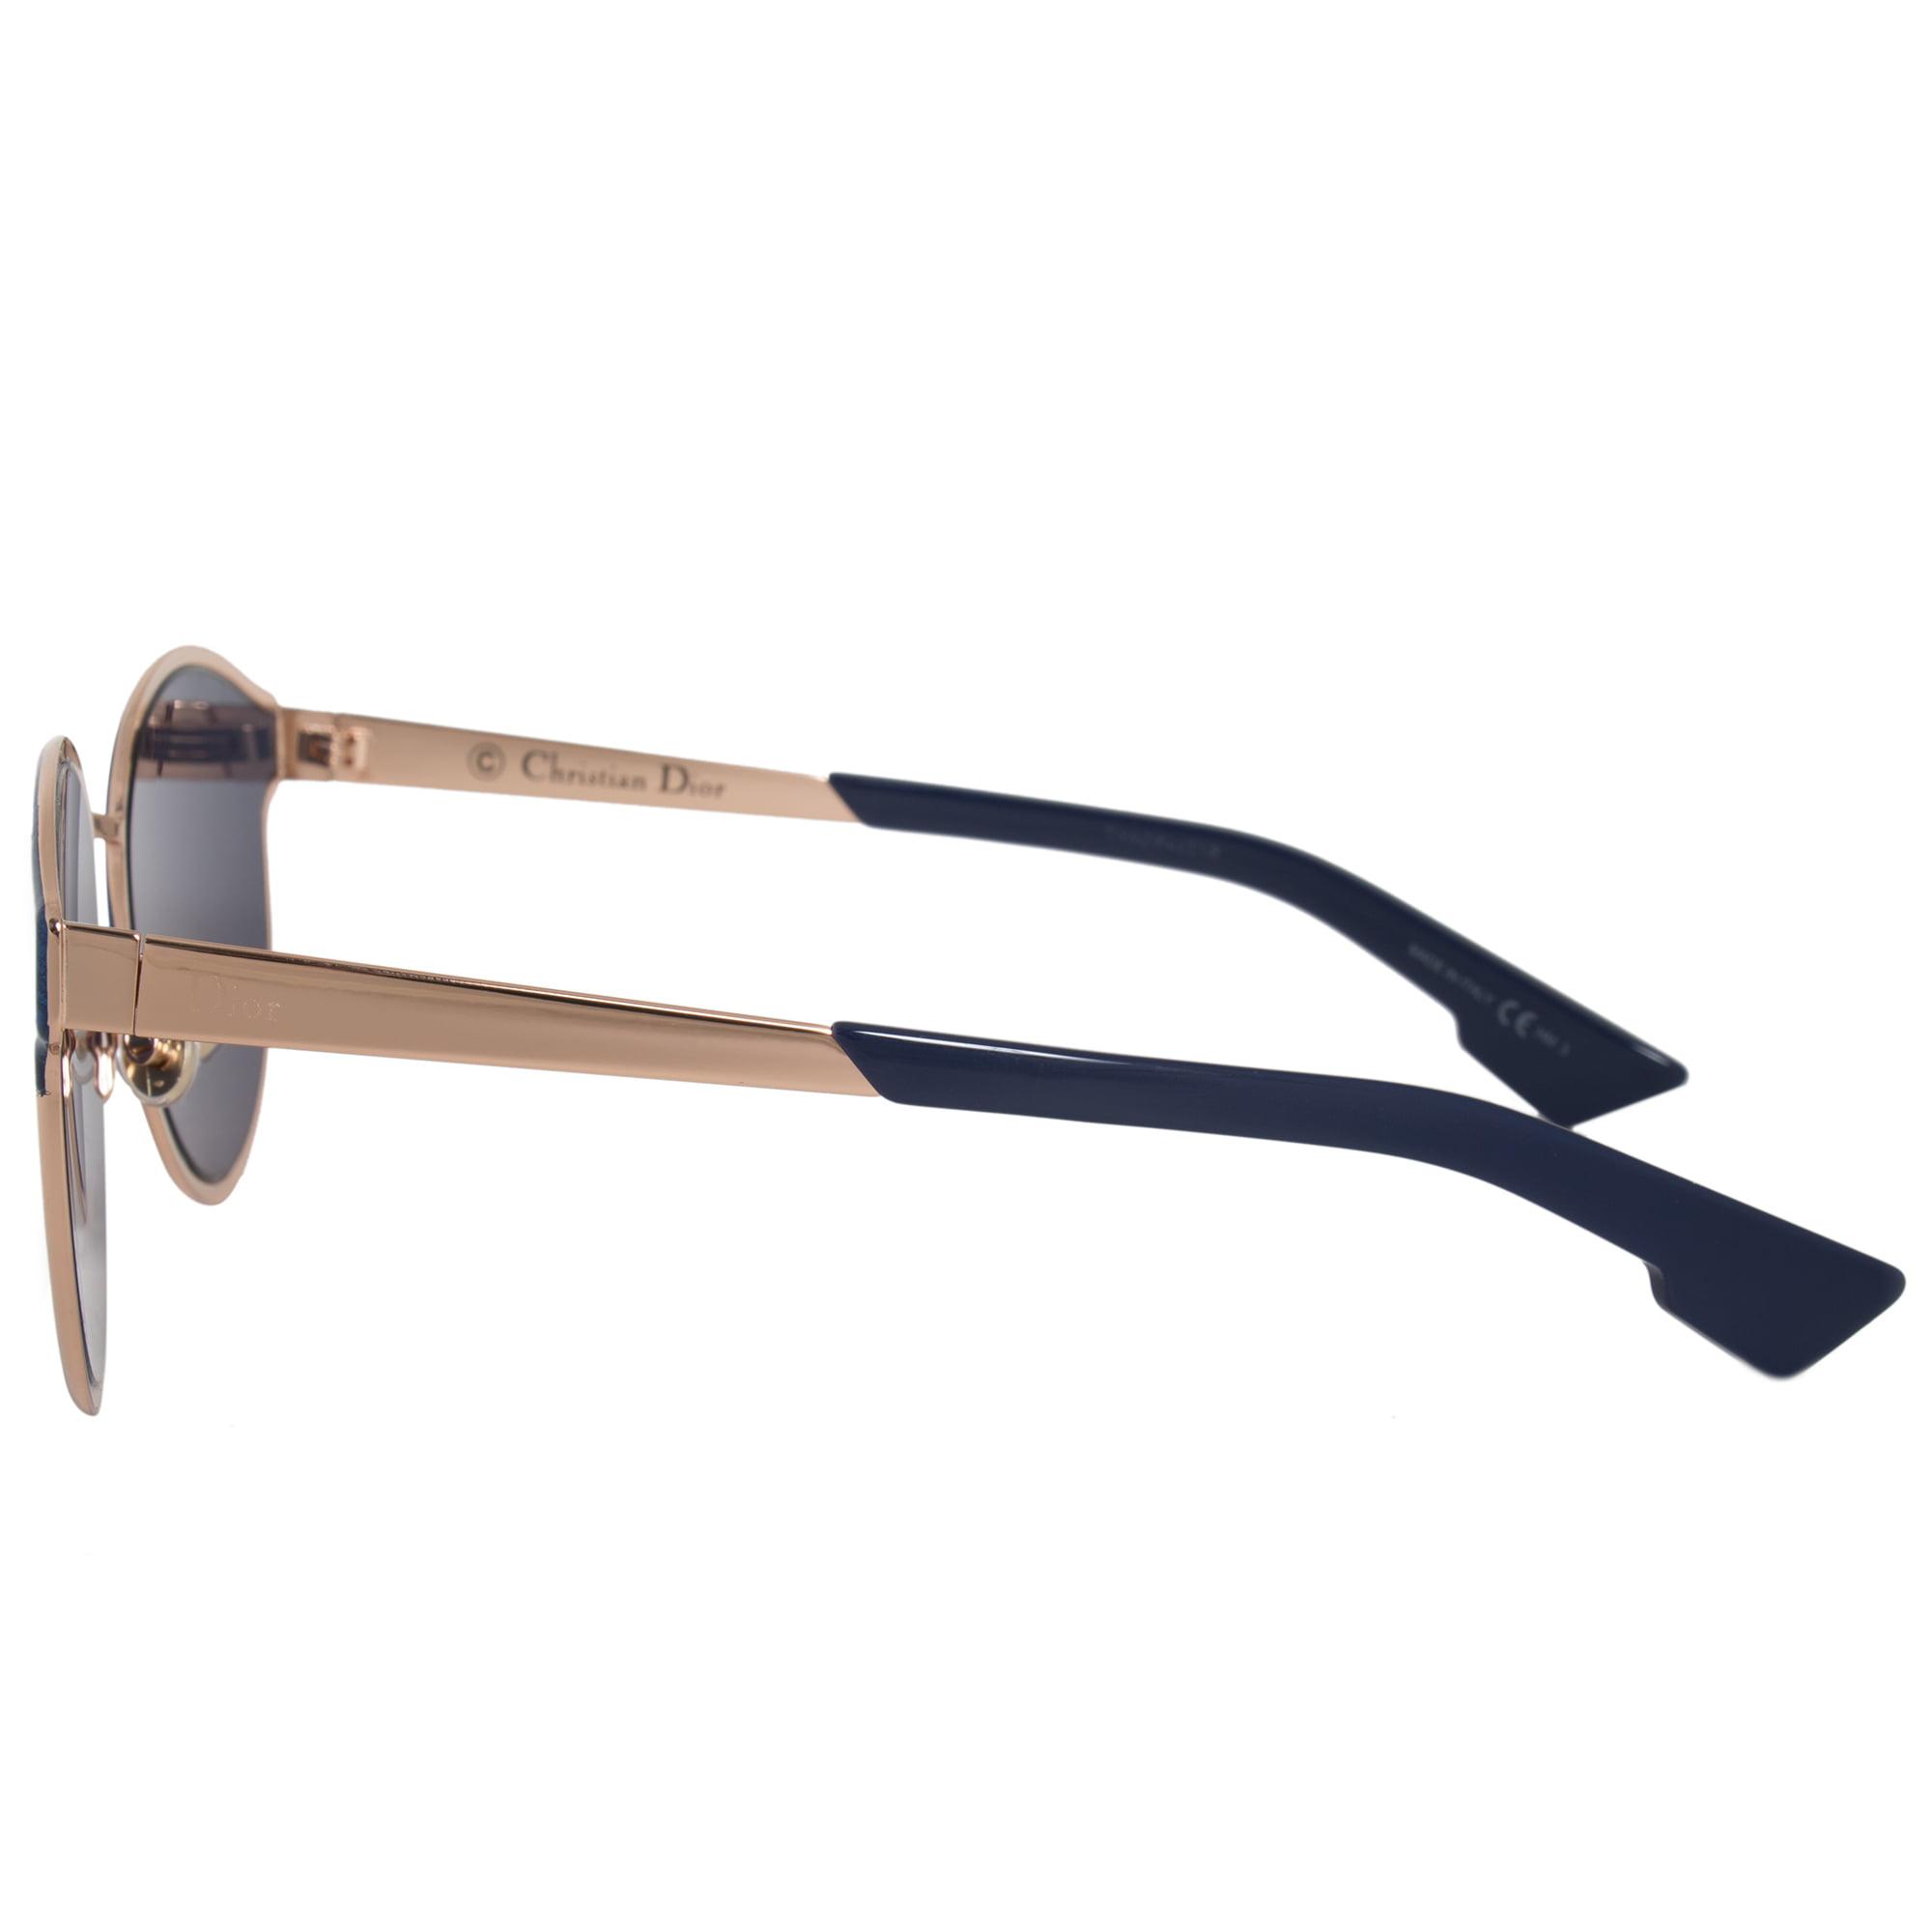 dcaf75471c Dior - Christian Dior Symmetric NUMA9 Sunglasses - Walmart.com